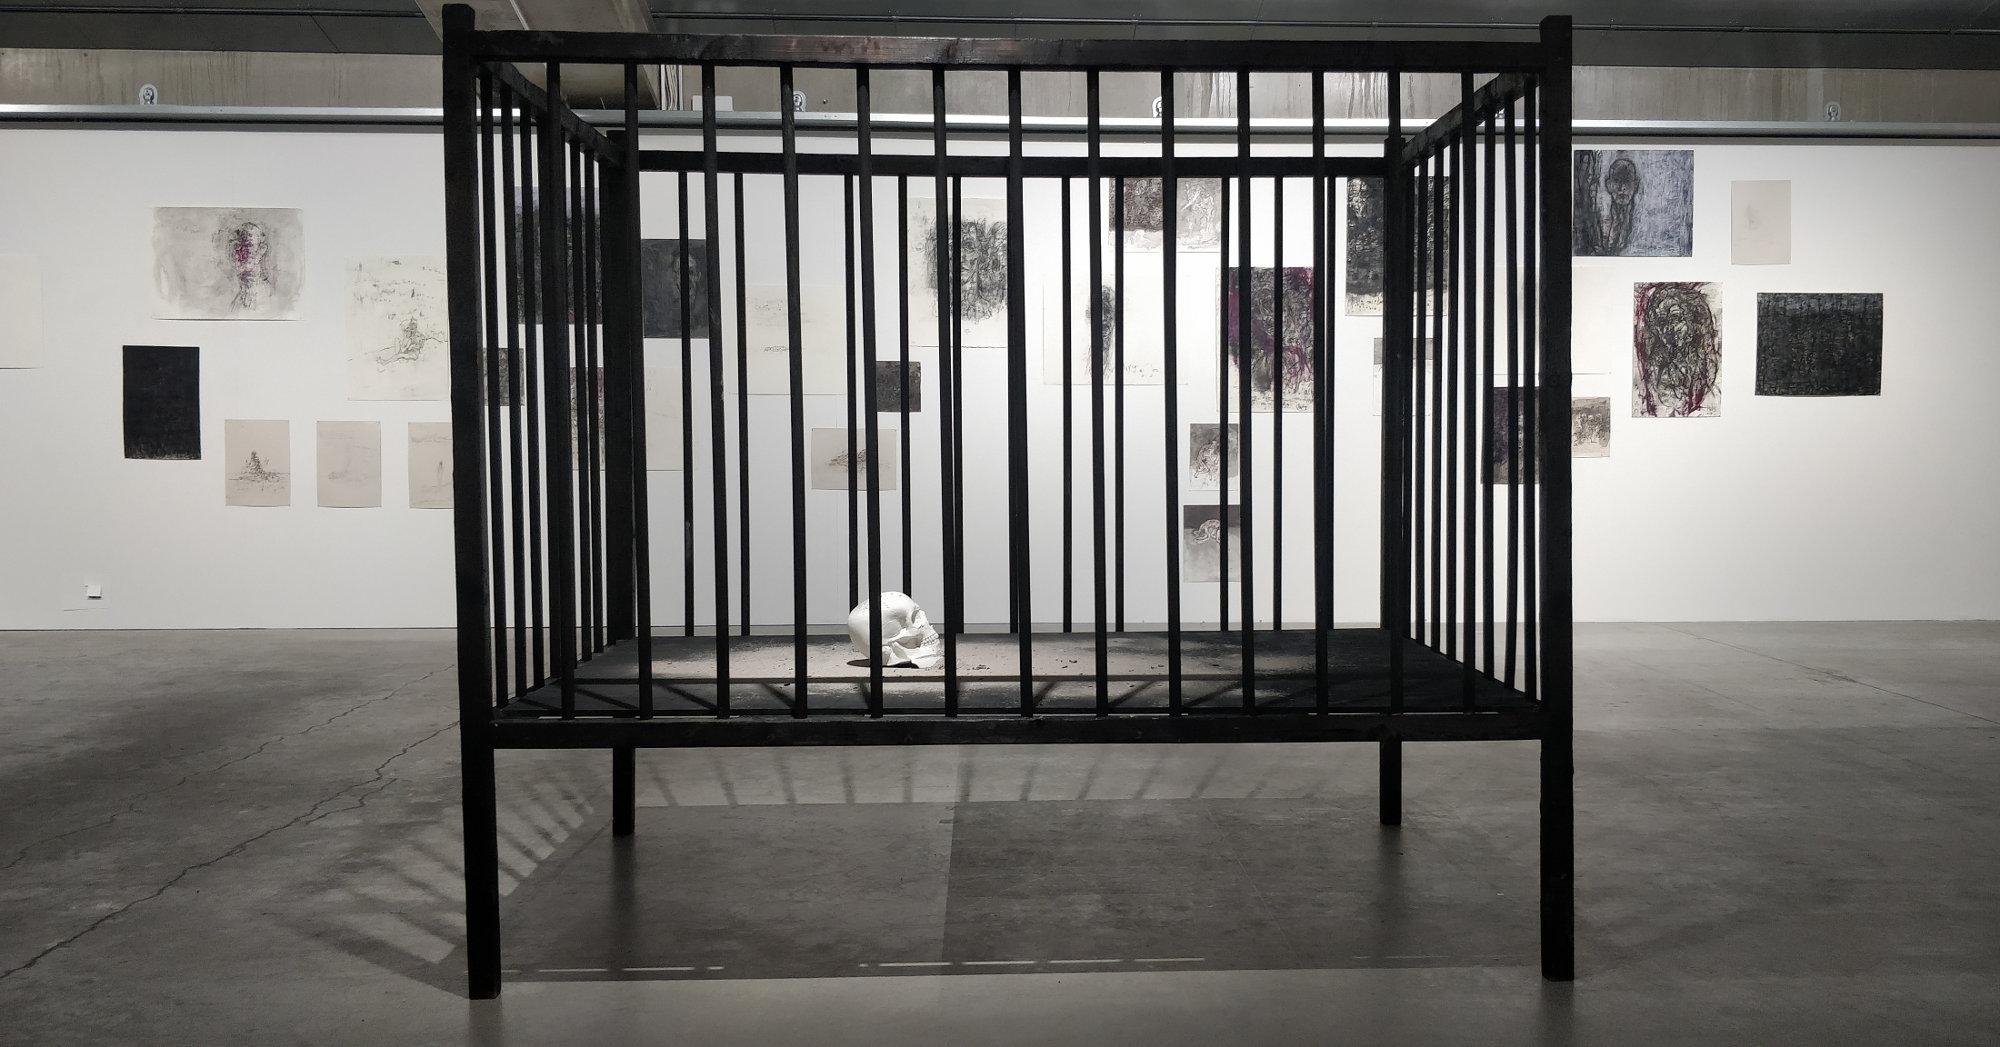 karhu mika exhibition näyttely